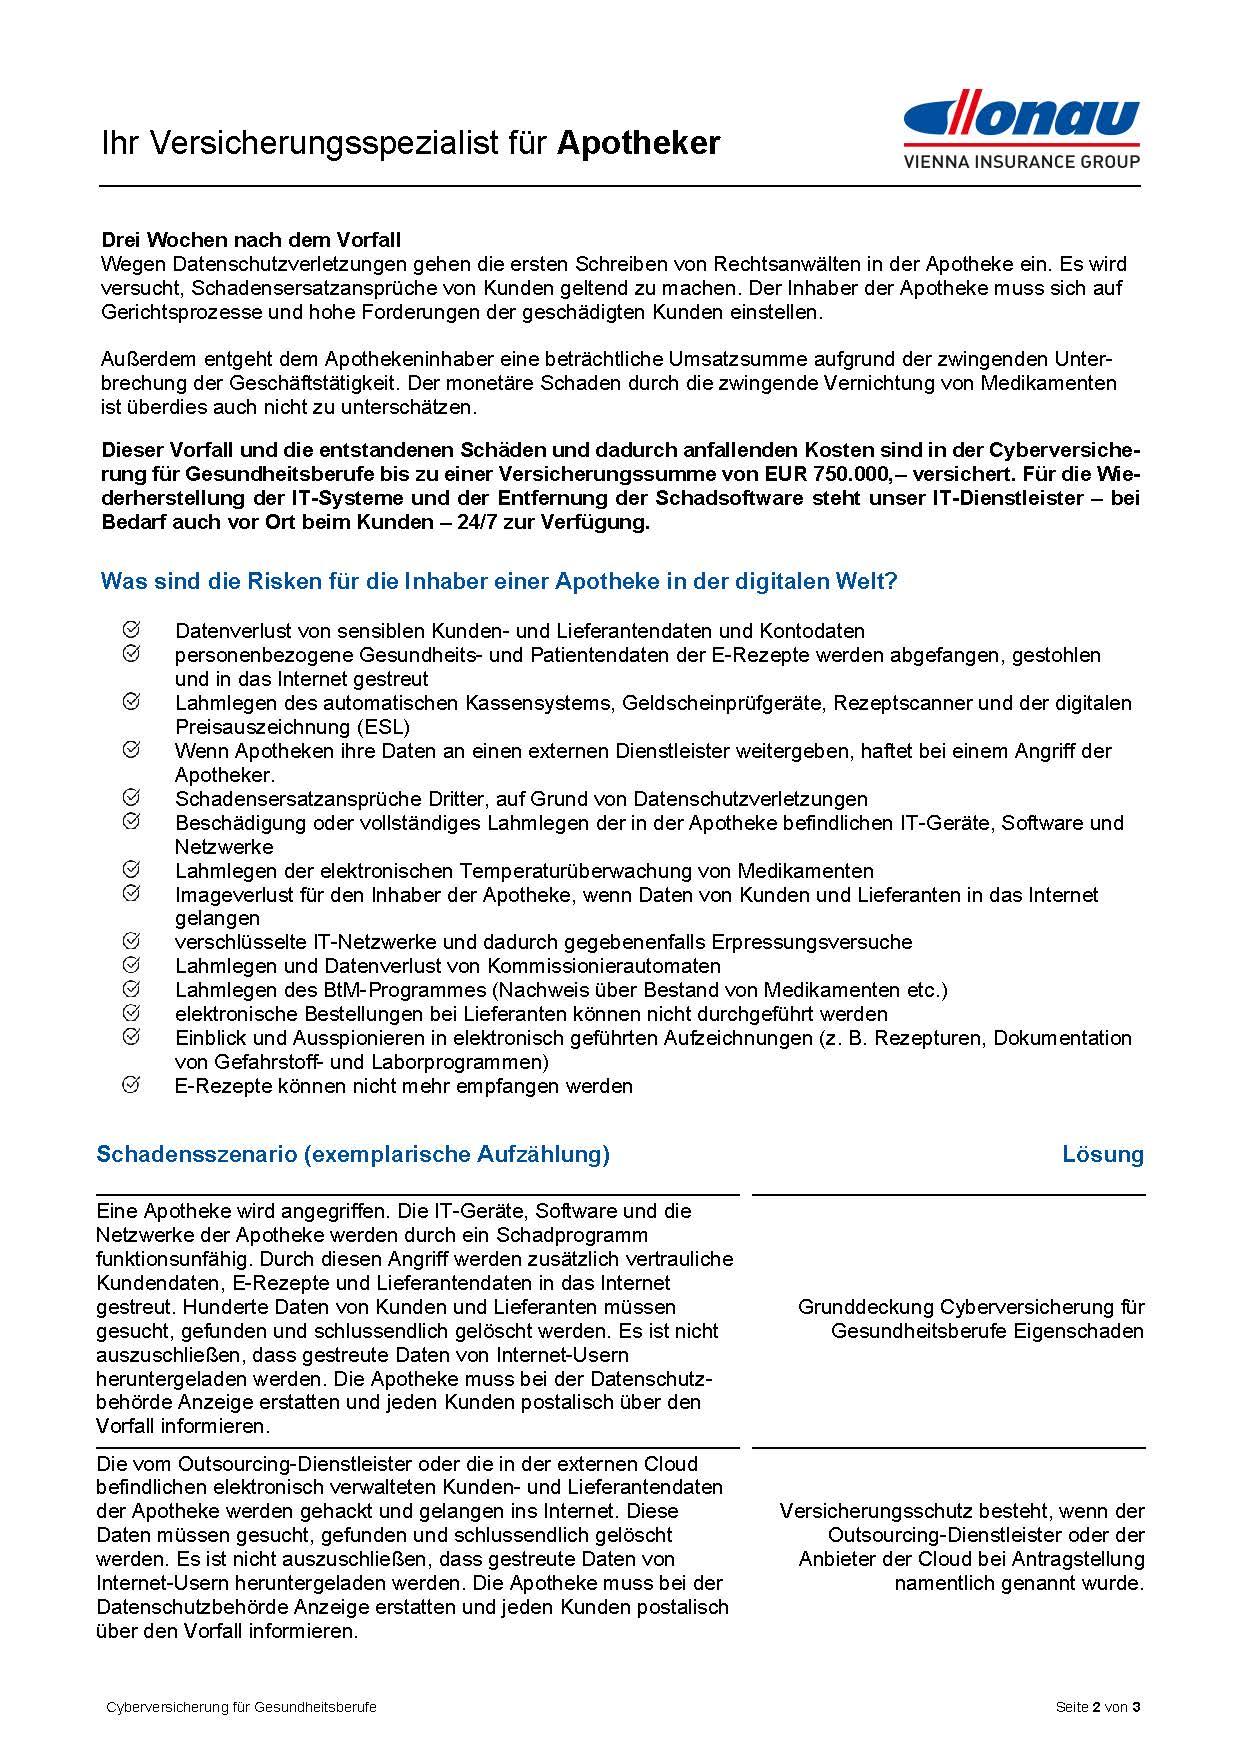 Cyberversicherung für Apotheken Infofolder 2021 2